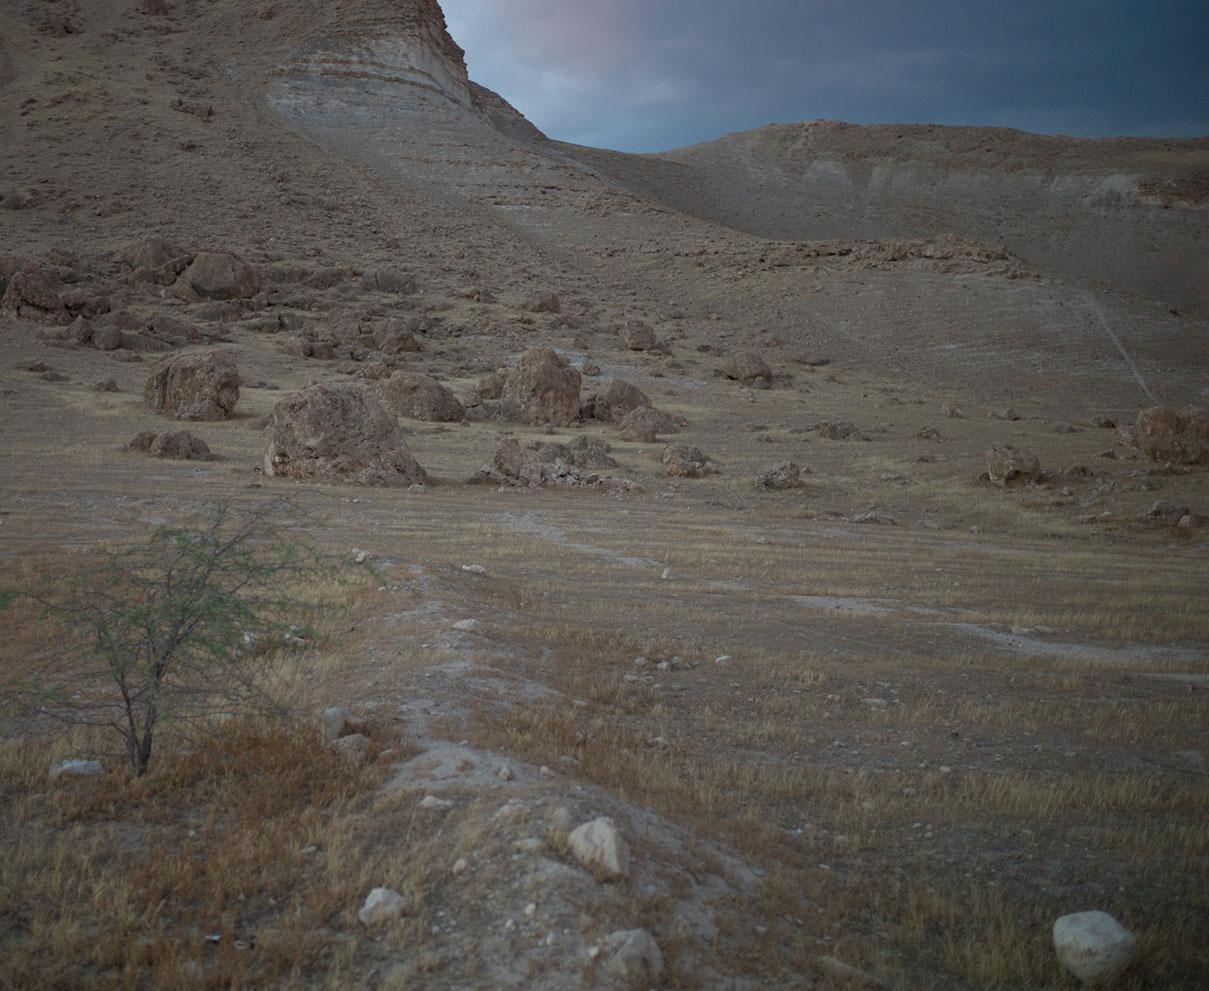 דויד סקורי - צילום נוף במדבר להדפסה ומסגור